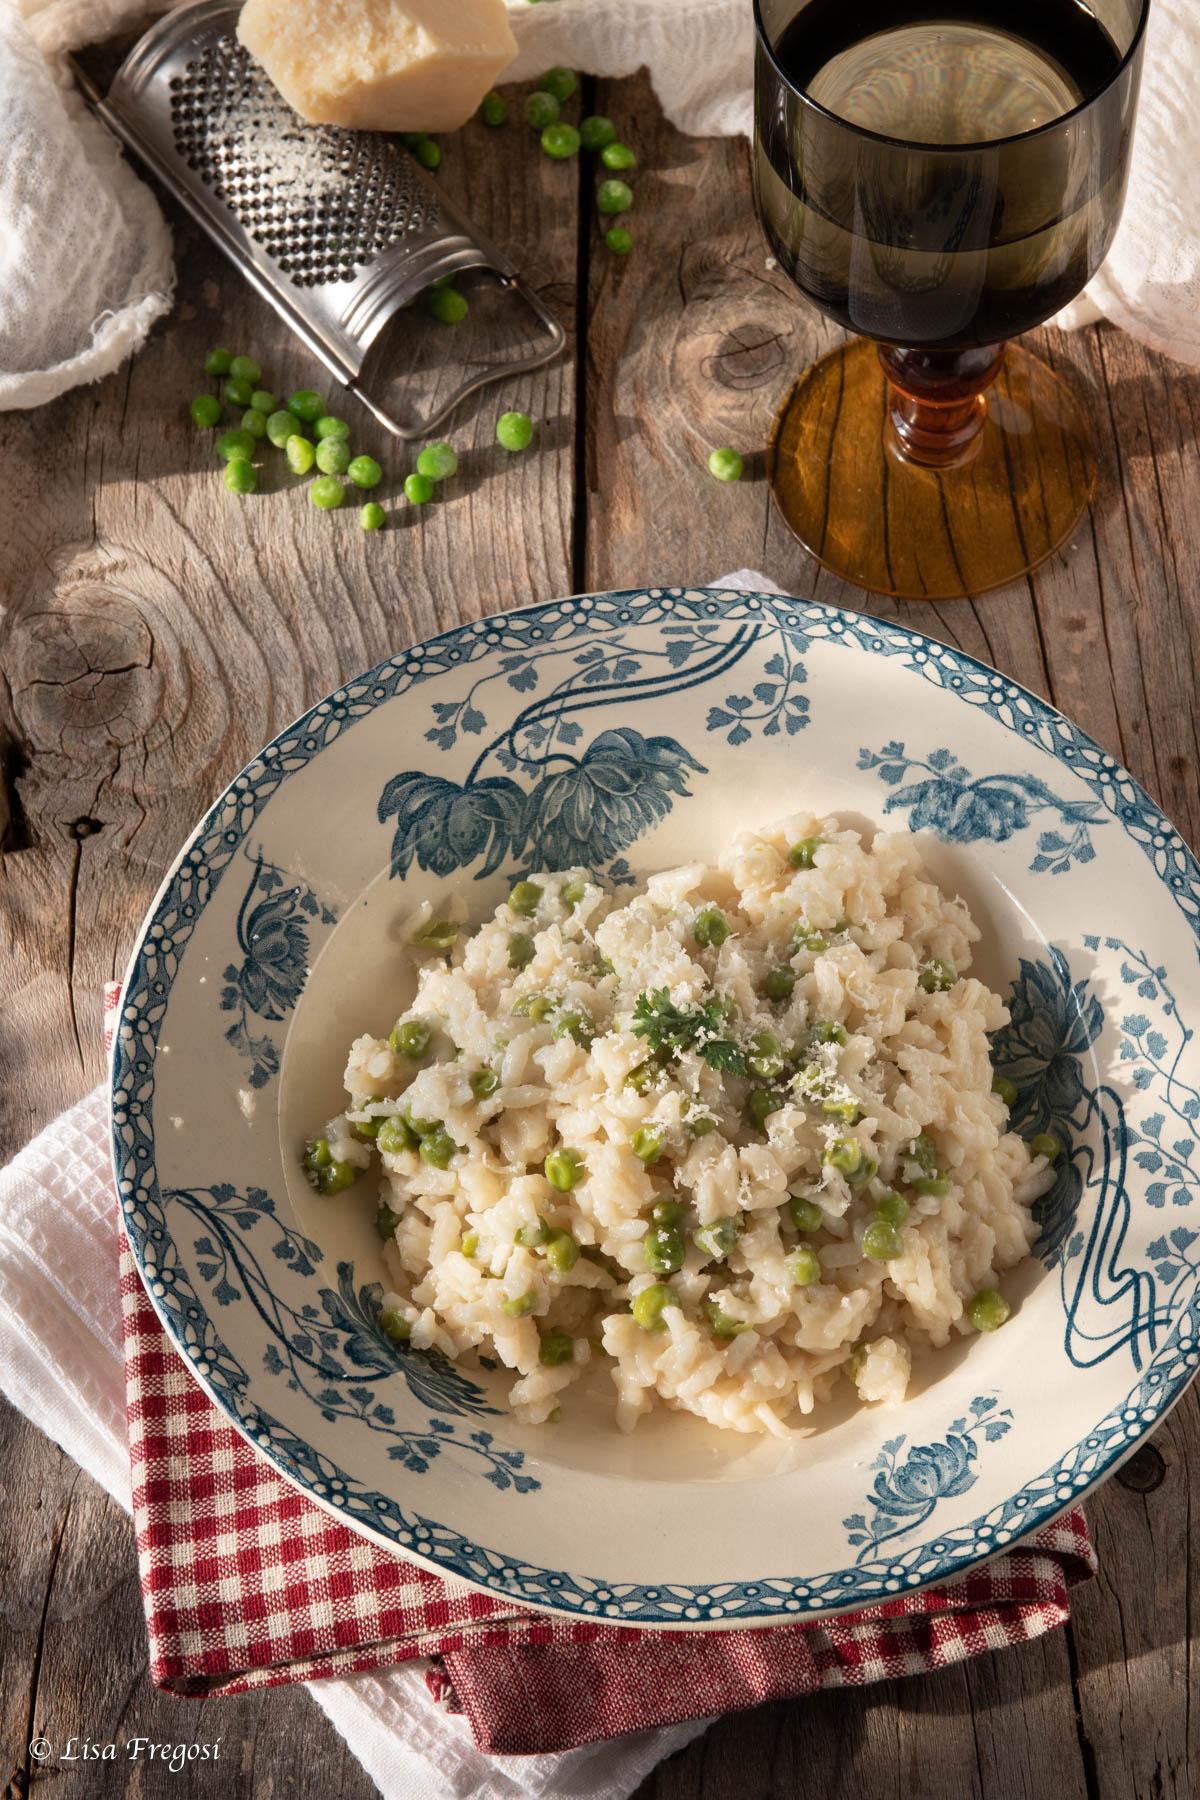 risi e bisi, il risotto con piselli della tradizione veneta. ricetta con piselli freschi, piselli surgelati, piselli in scatola.